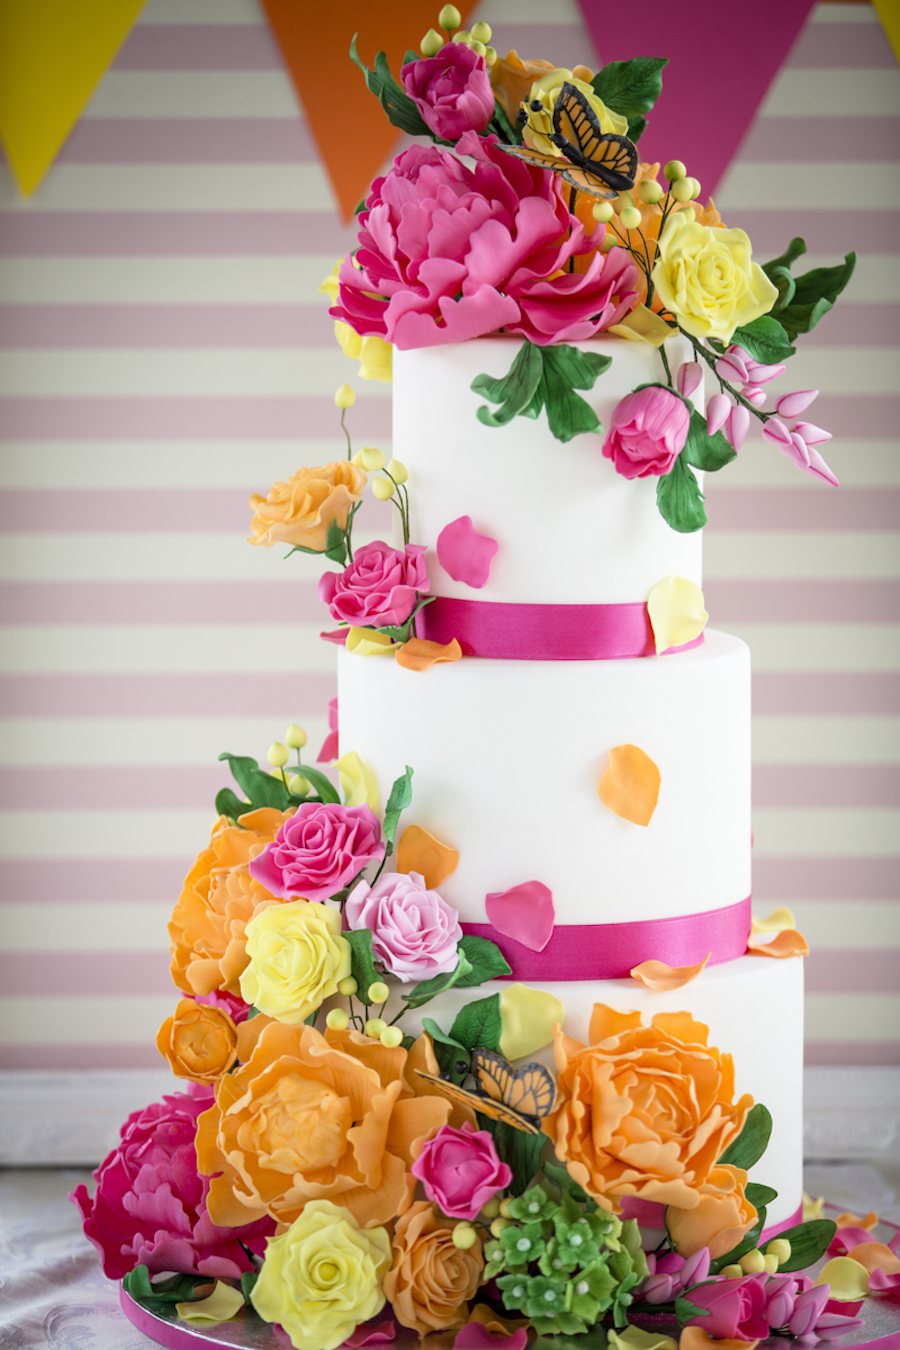 matrimonio-colorato-con-fenicotteri-matrimonio-adhoc-20